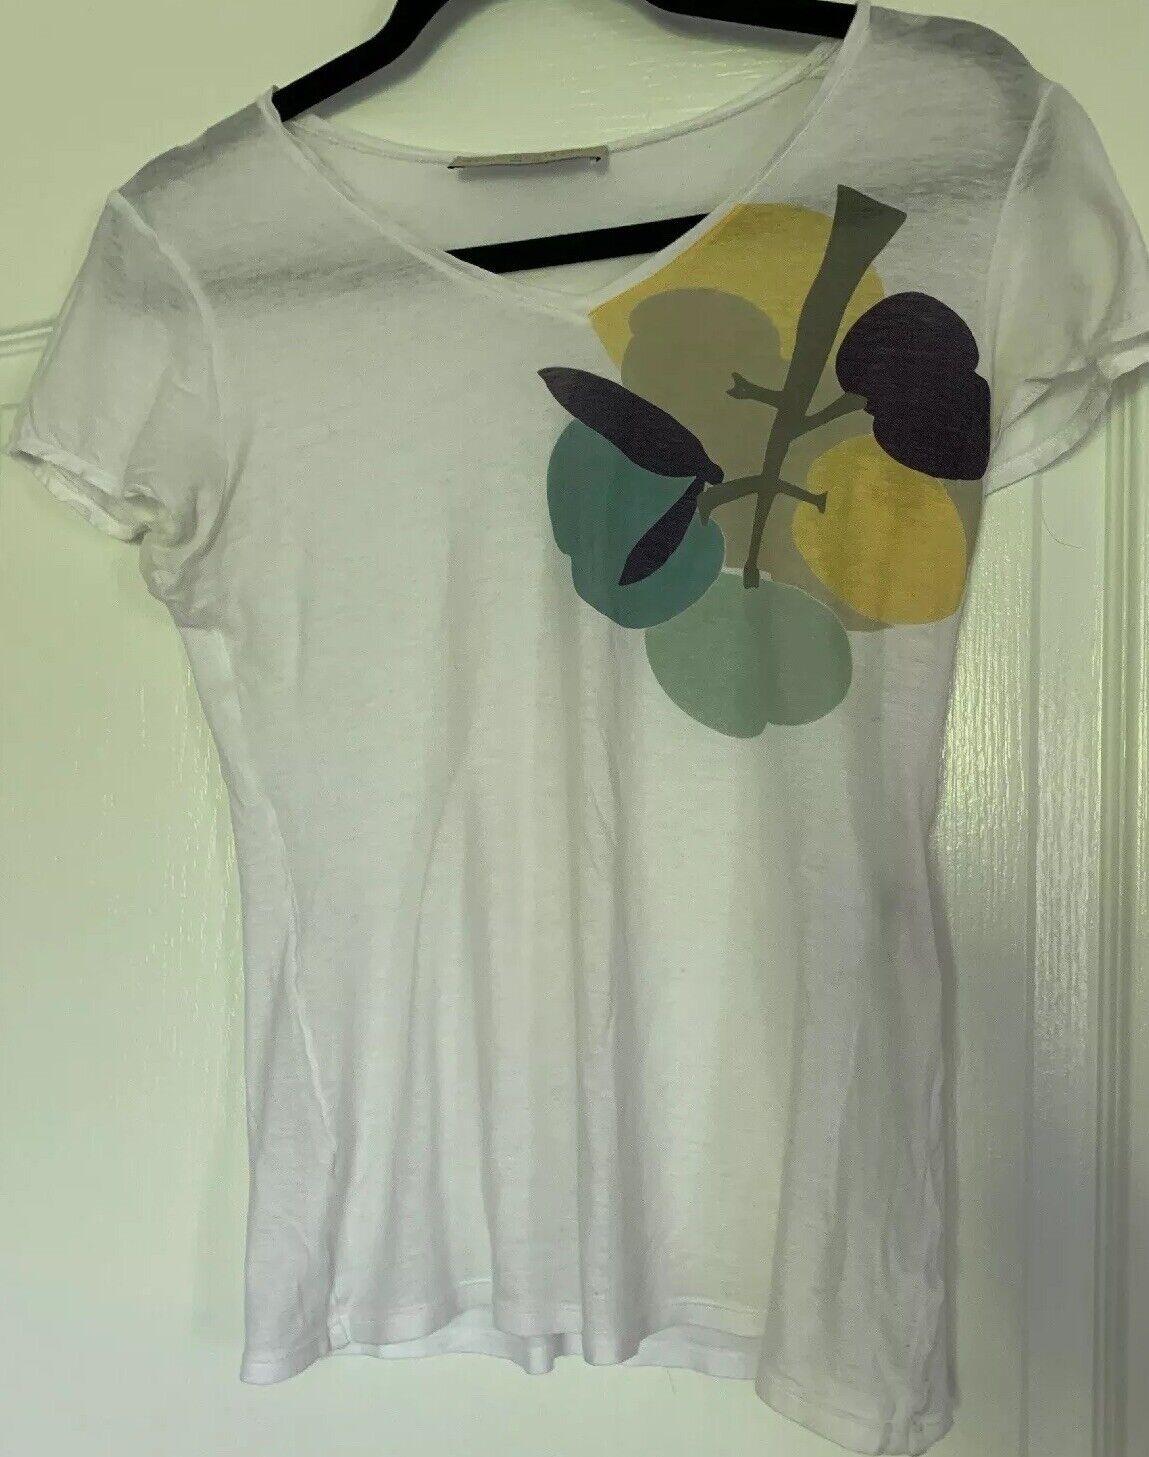 Stella McCartney damen's Weiß Top T-shirt Größe 42 Made In